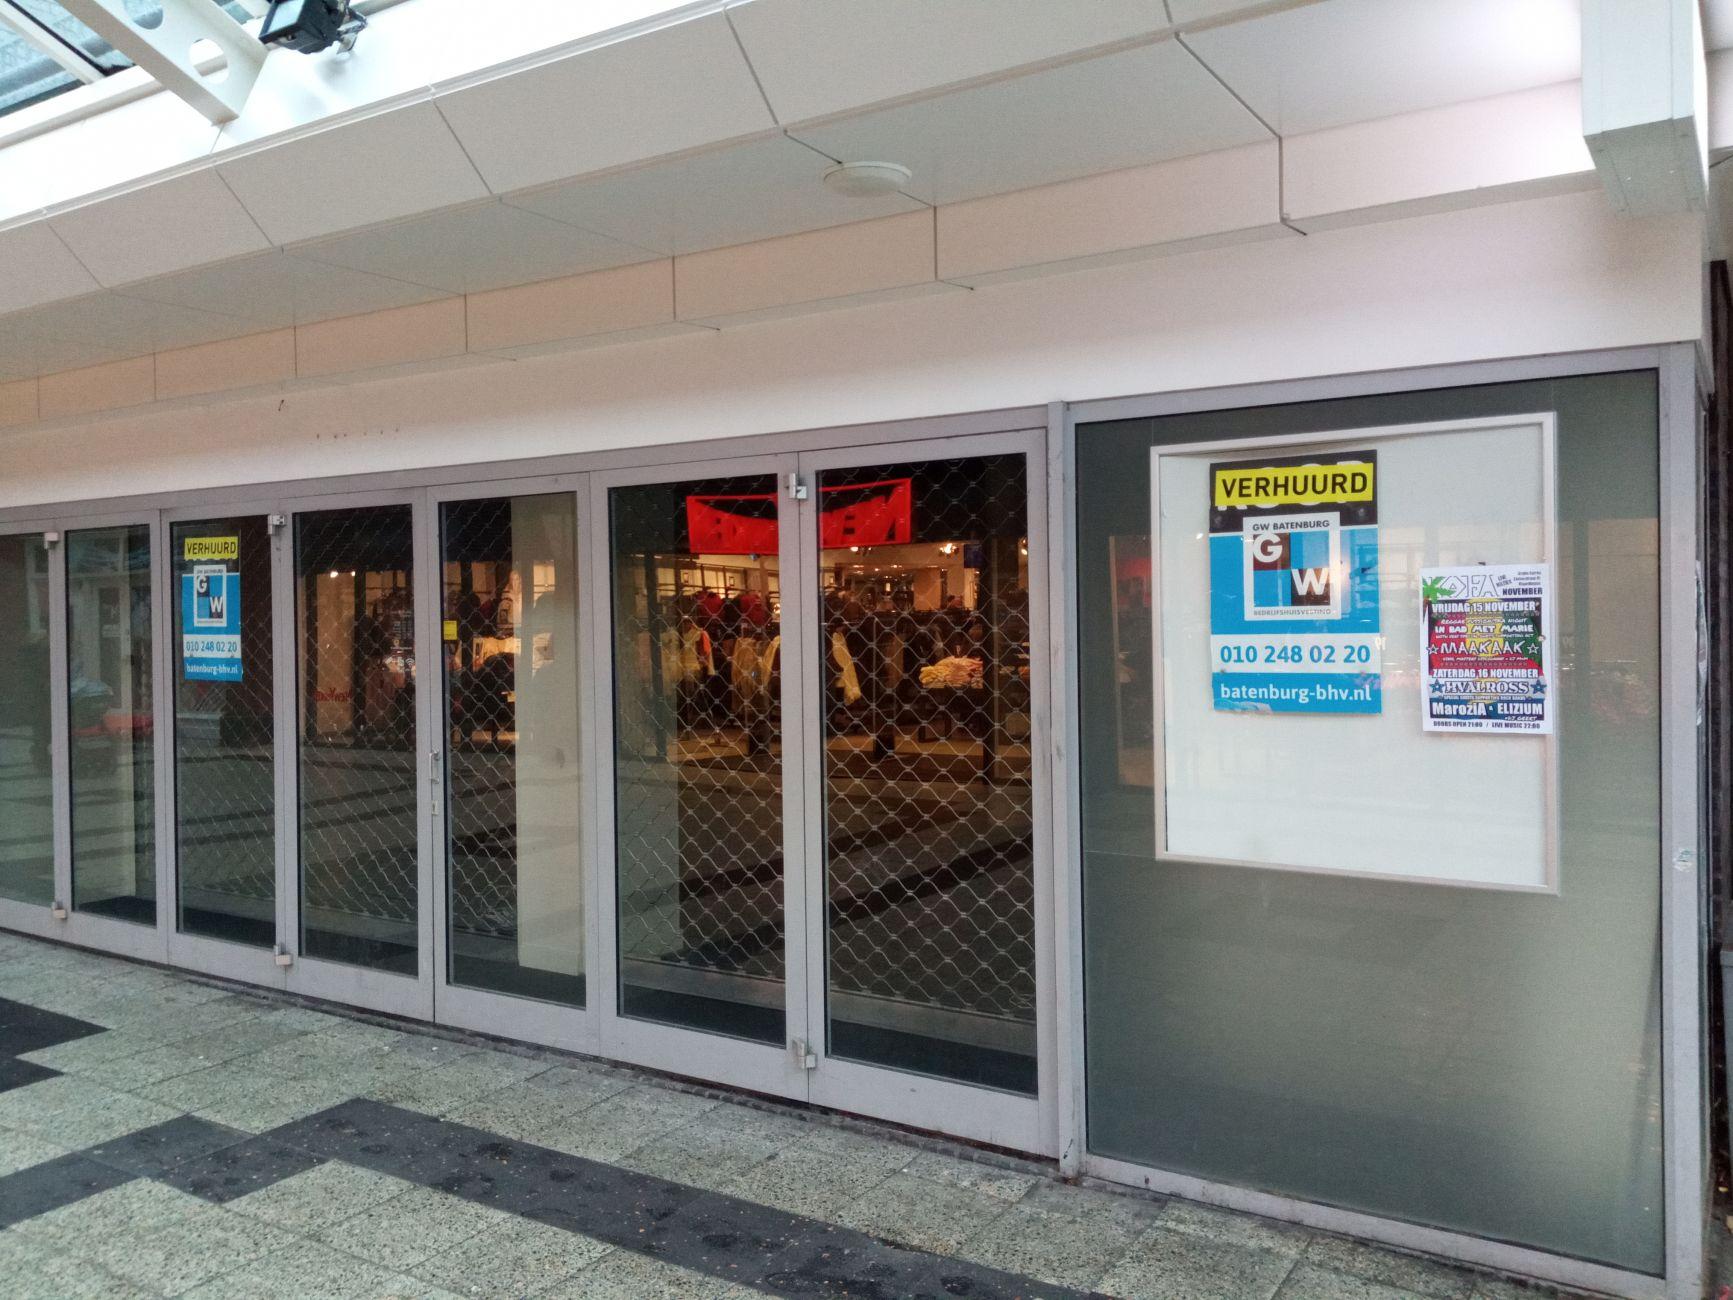 Beweging in het centrum: nieuwe huurders voor lege winkels!